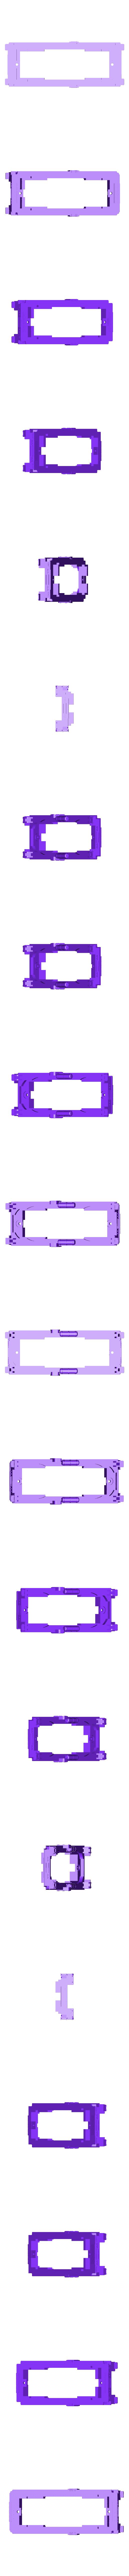 kato_11-105106107_NH0e_frame.stl Télécharger fichier STL gratuit H0e Locomotive LSM 03 / Kato 11-105 11-106 11-107 N>H0e • Design imprimable en 3D, makobe